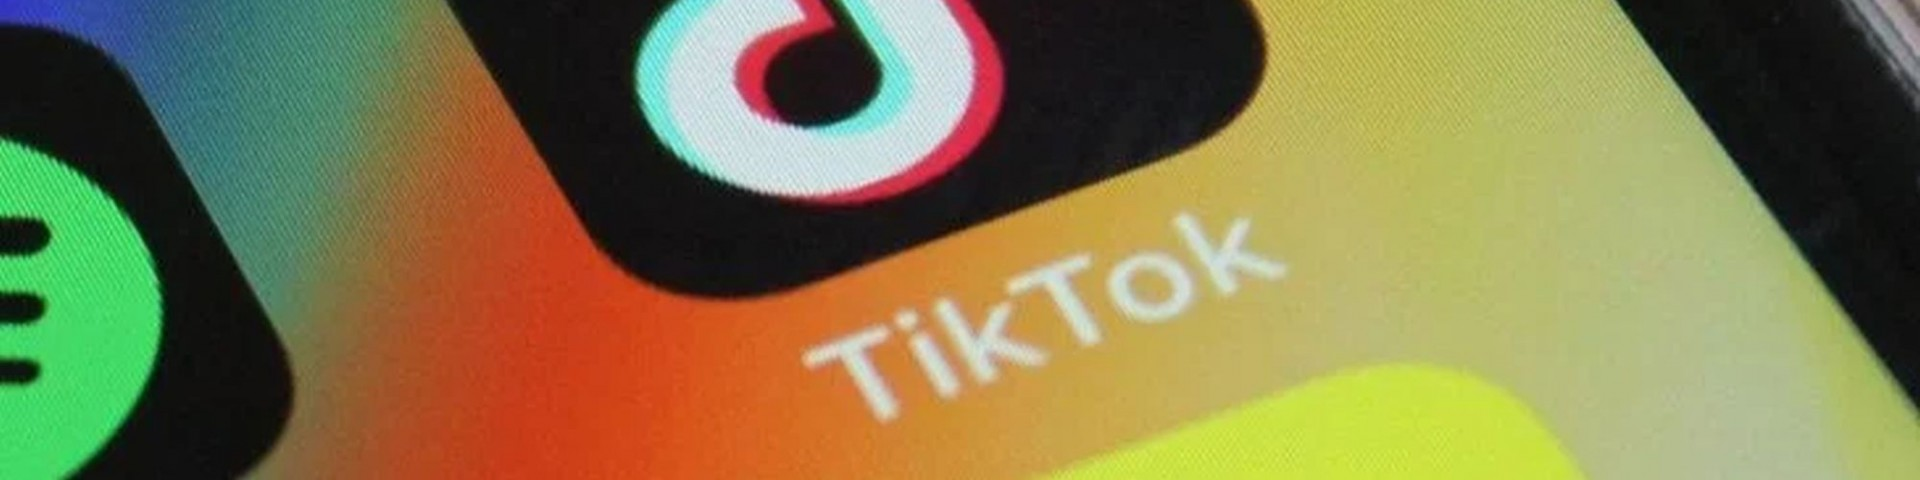 Come guadagnare con Tik Tok: ecco la guida